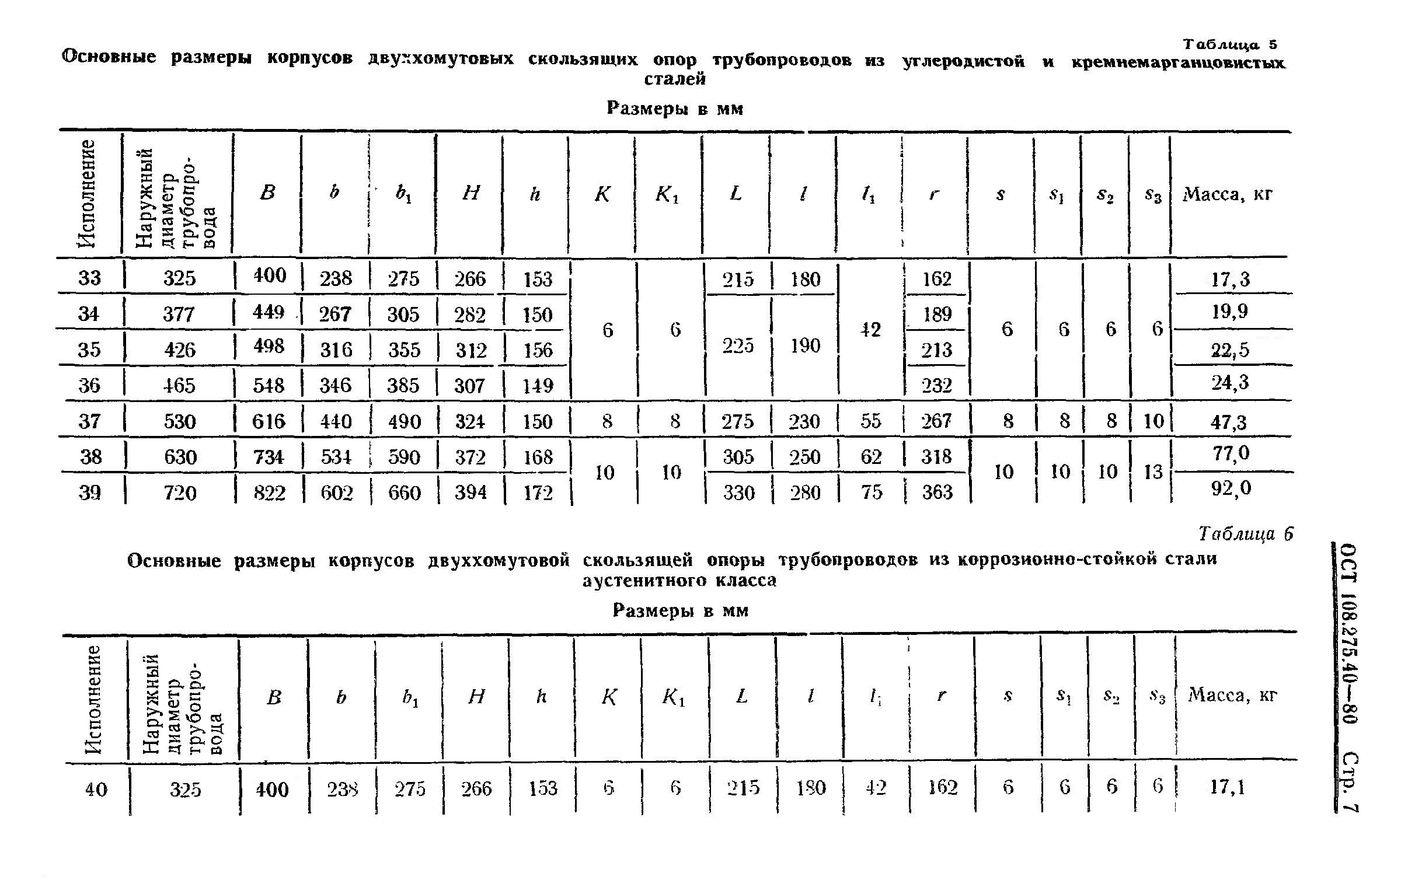 Корпуса двуххомутовых опор ОСТ 108.275.40-80 стр.7